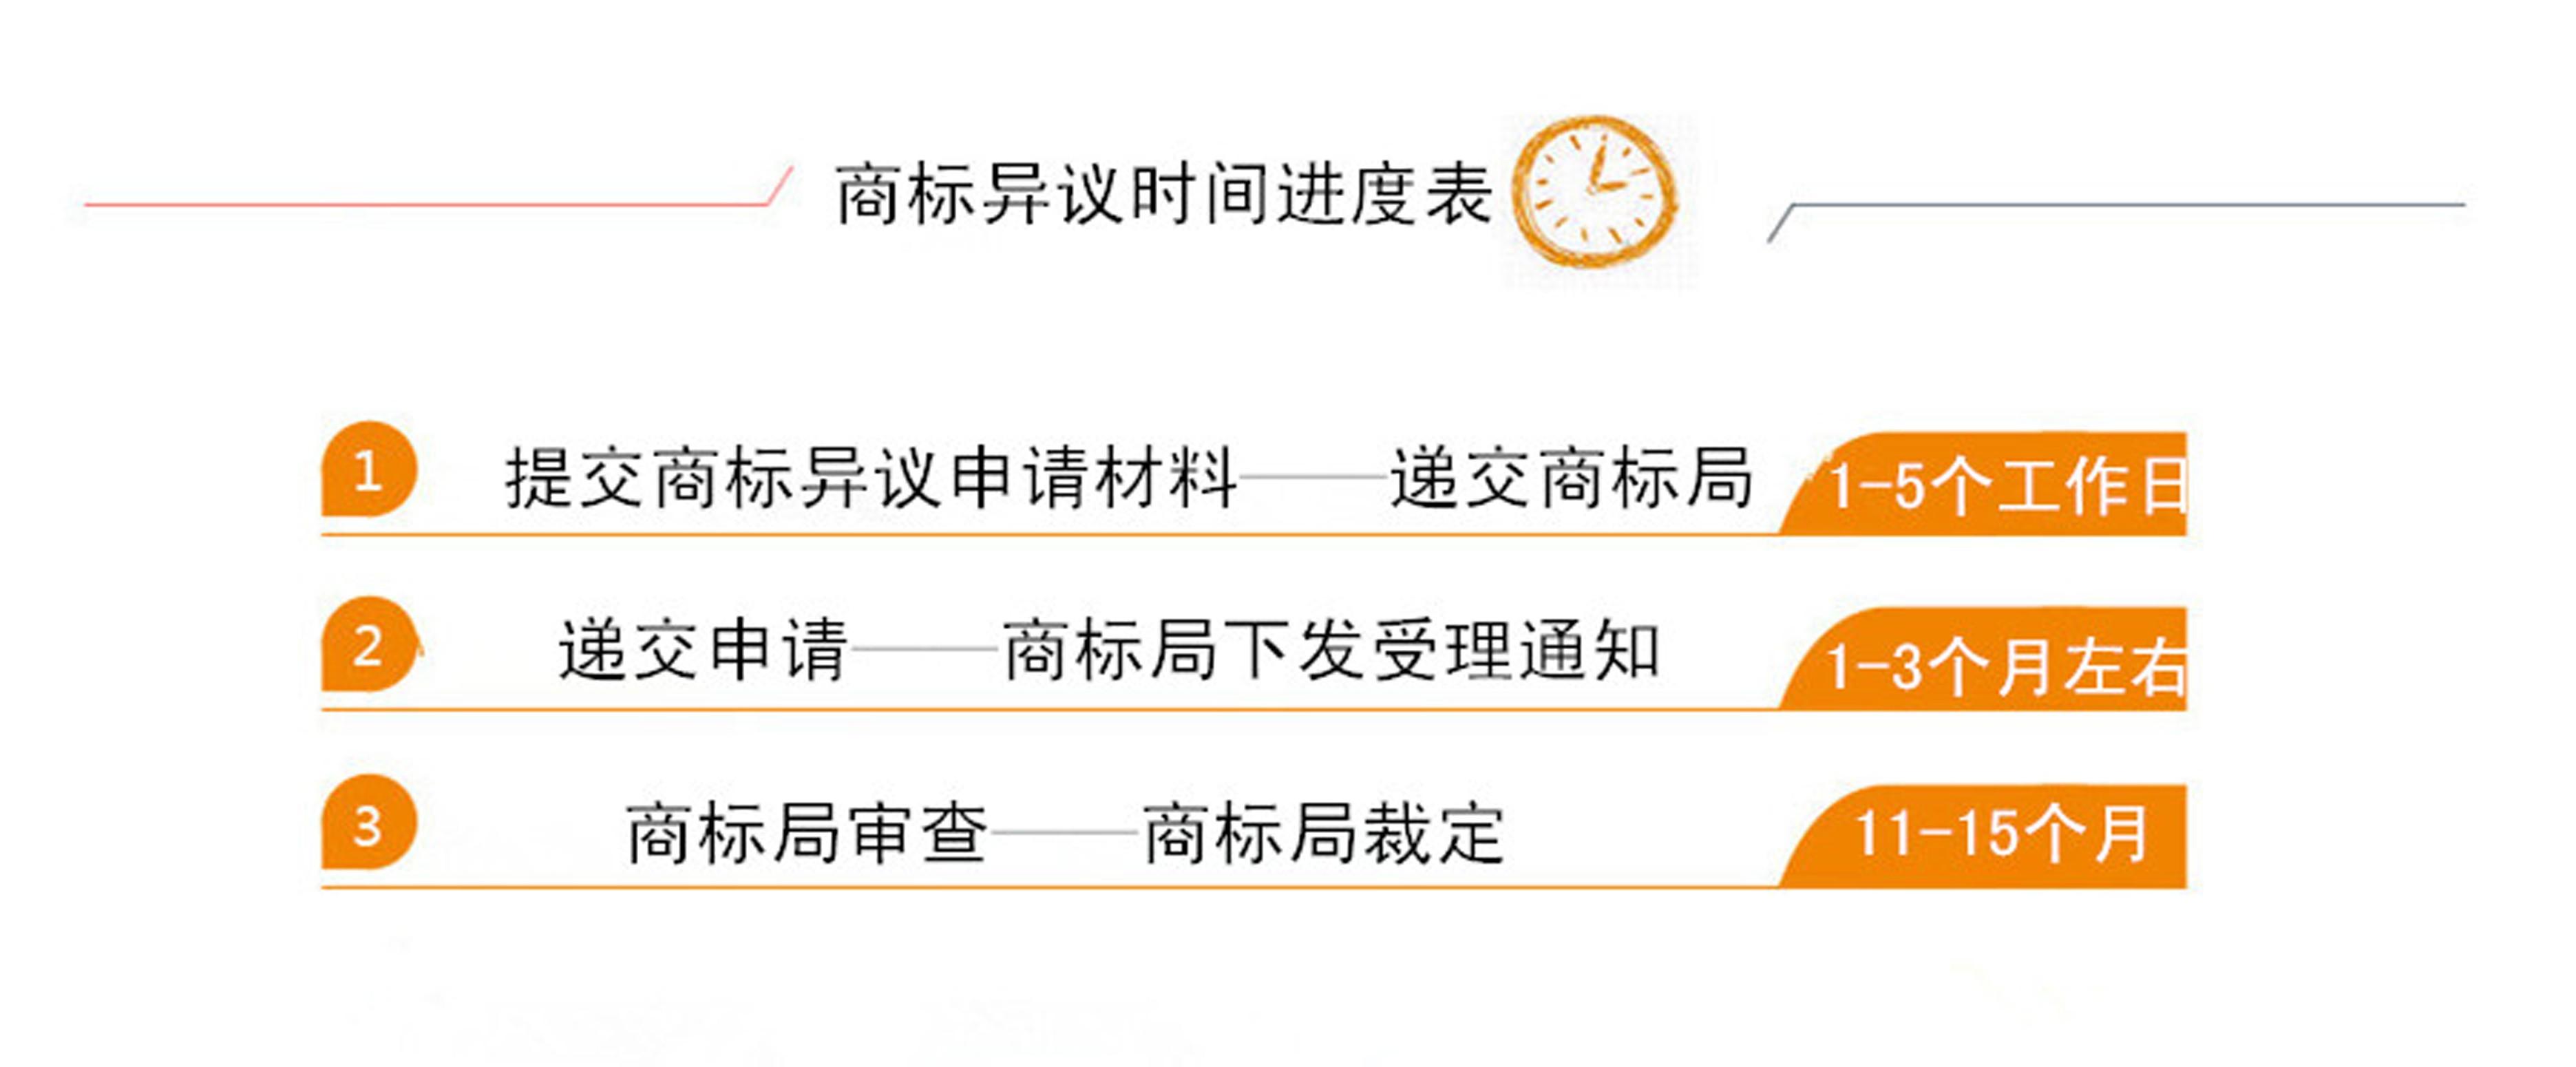 商标异议时间表